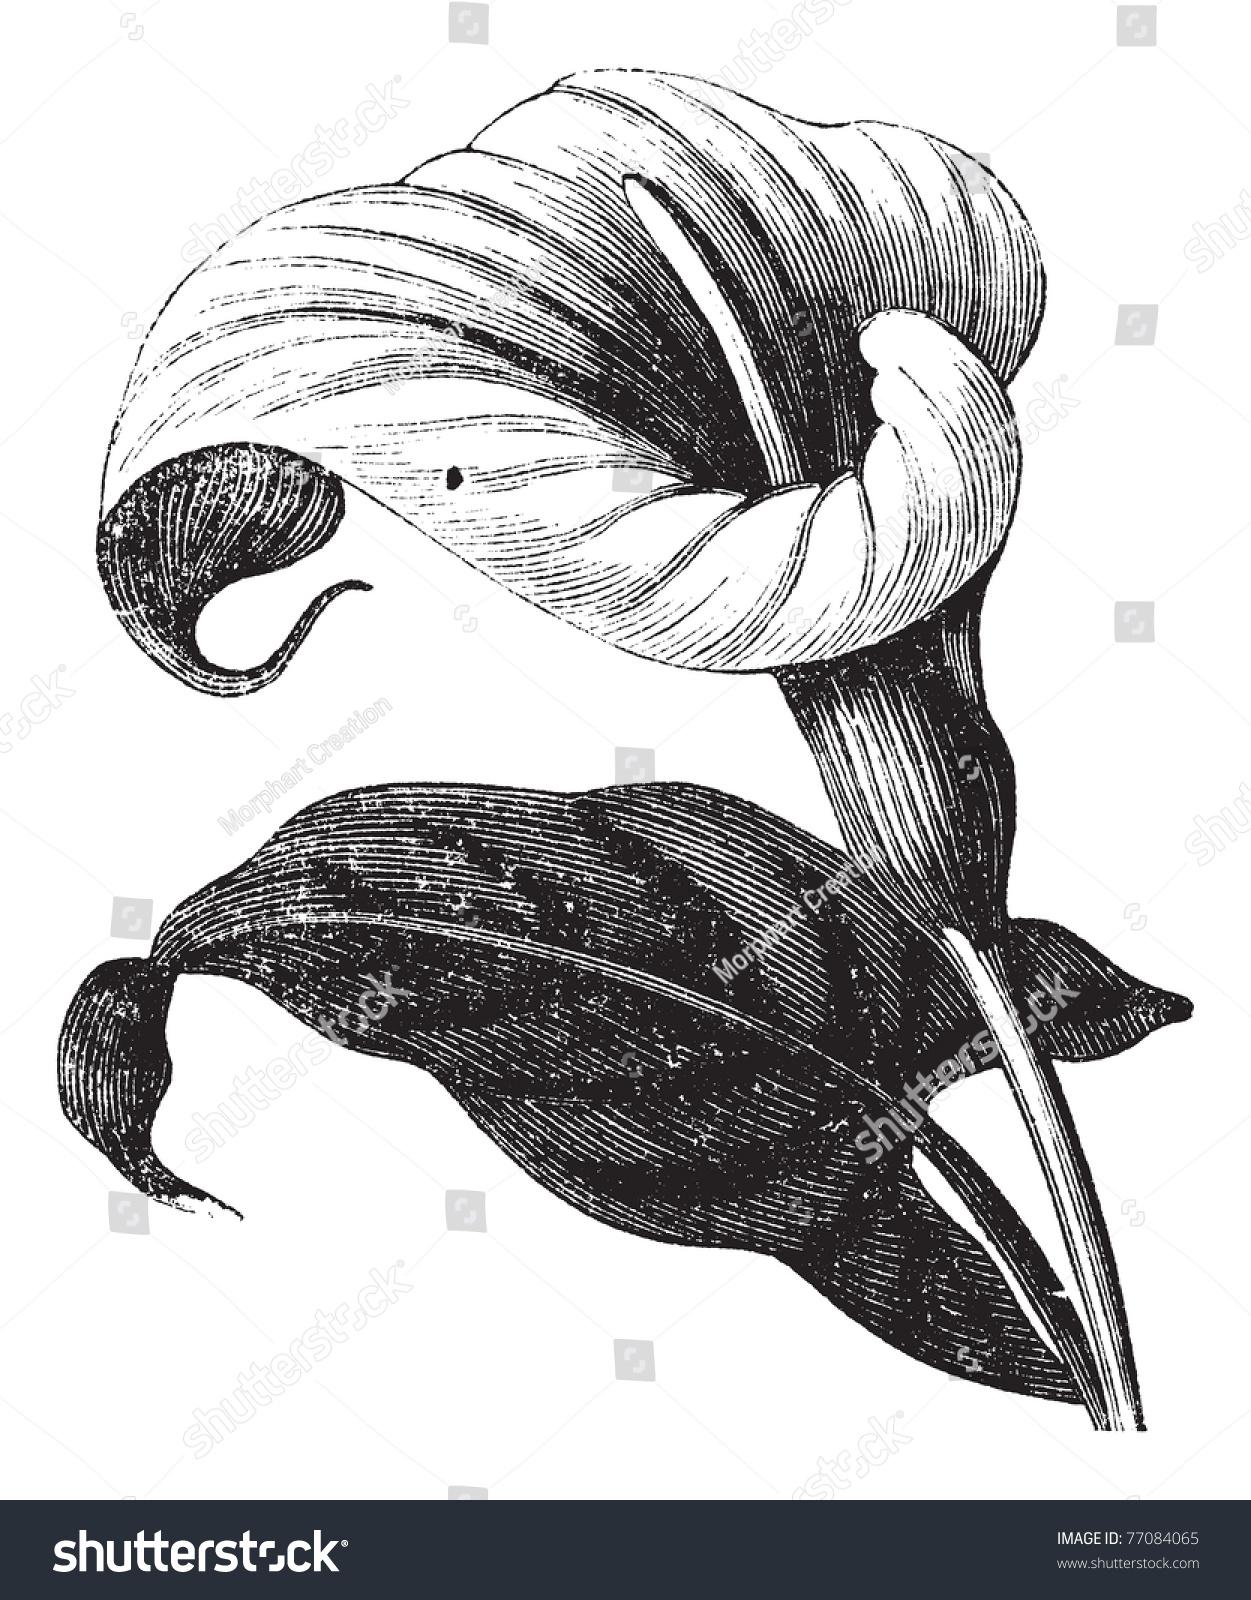 马蹄莲属也称为Richardia Africana,花朵,古典雕刻的马蹄莲属,花,孤立在白色的背景下。Trousset百科全书。 - 插图/剪贴图,自然 - 站酷海洛创意正版图片,视频,音乐素材交易平台 - Shutterstock中国独家合作伙伴 - 站酷旗下品牌